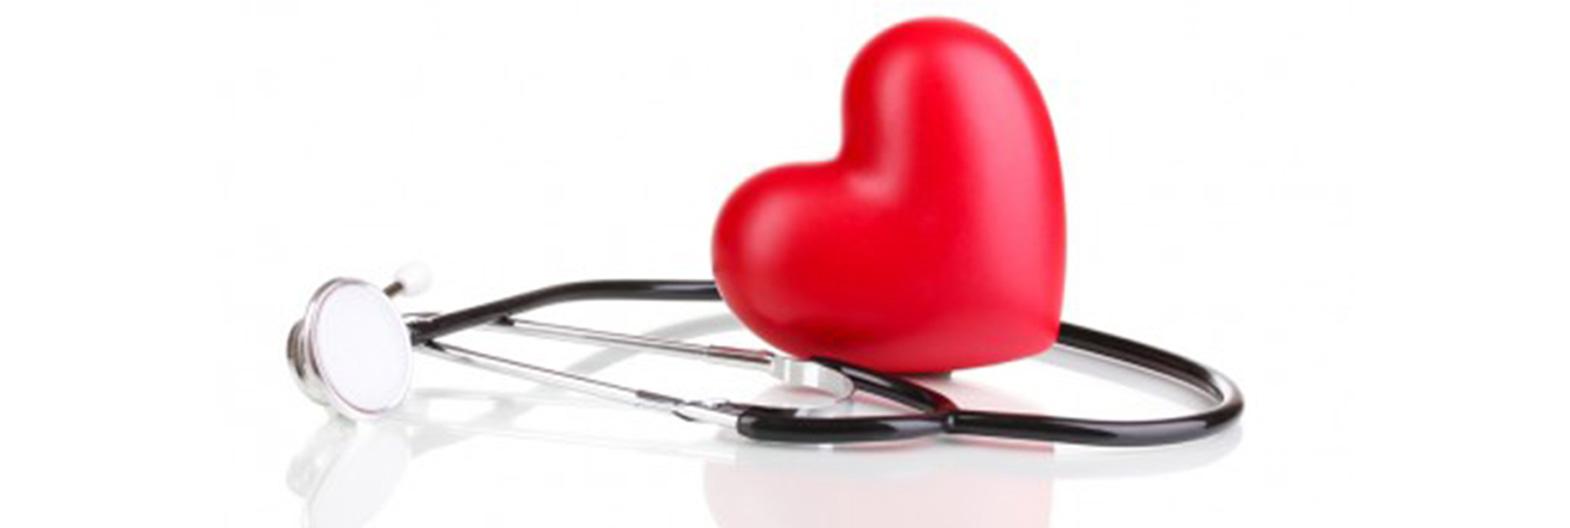 hipertenzija gali būti negydoma hipertenzija ir tenisas